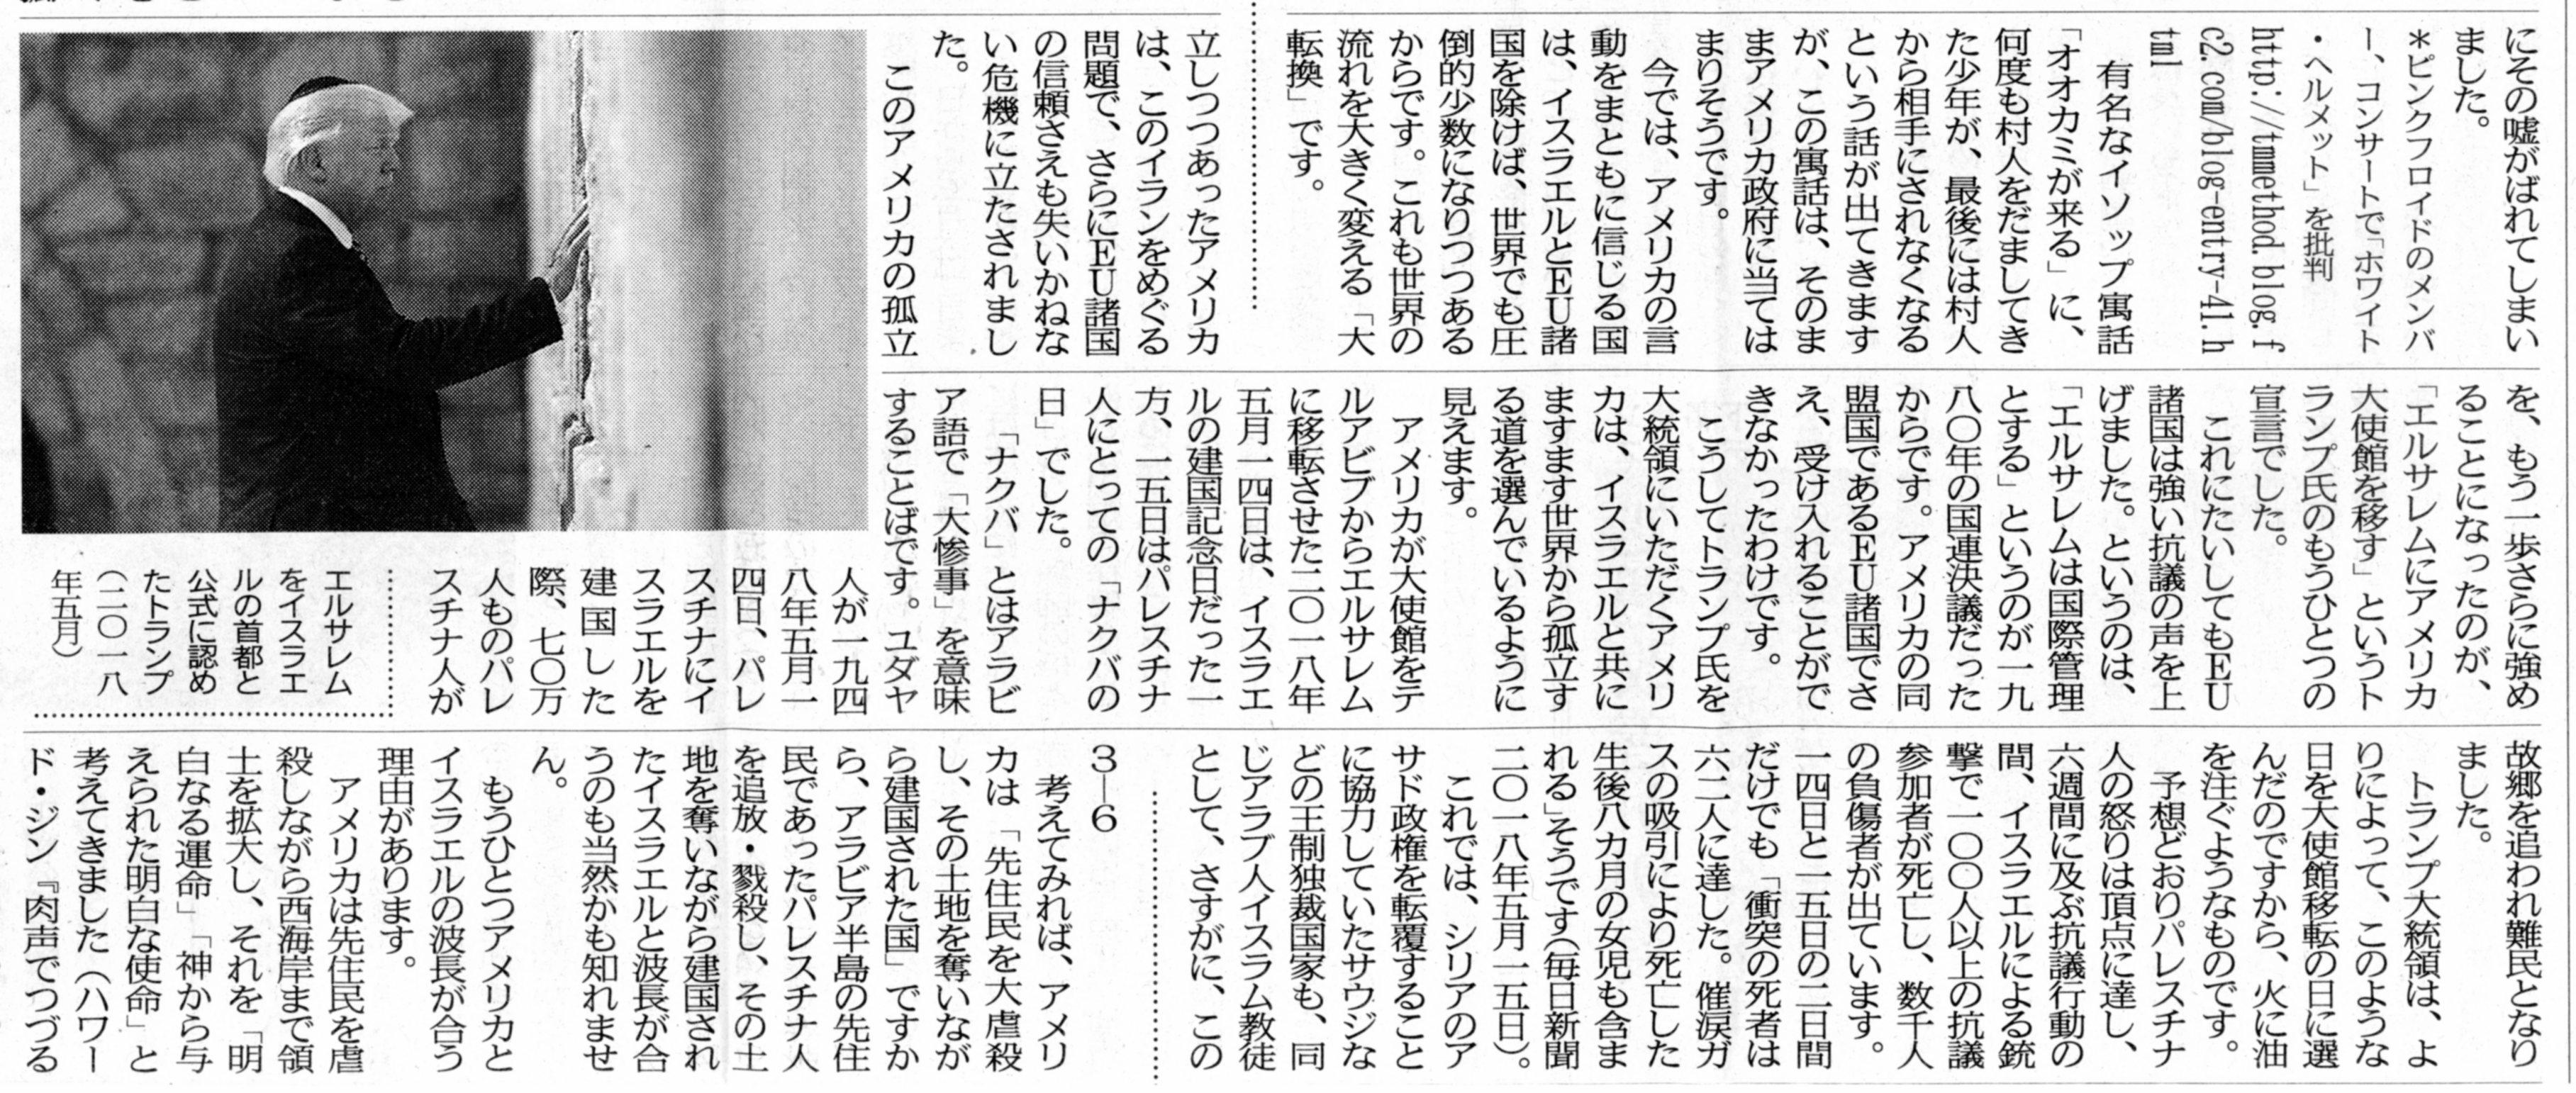 長州新聞20190210神に選ばれた国と神に選ばれた民に未来はあるか②212